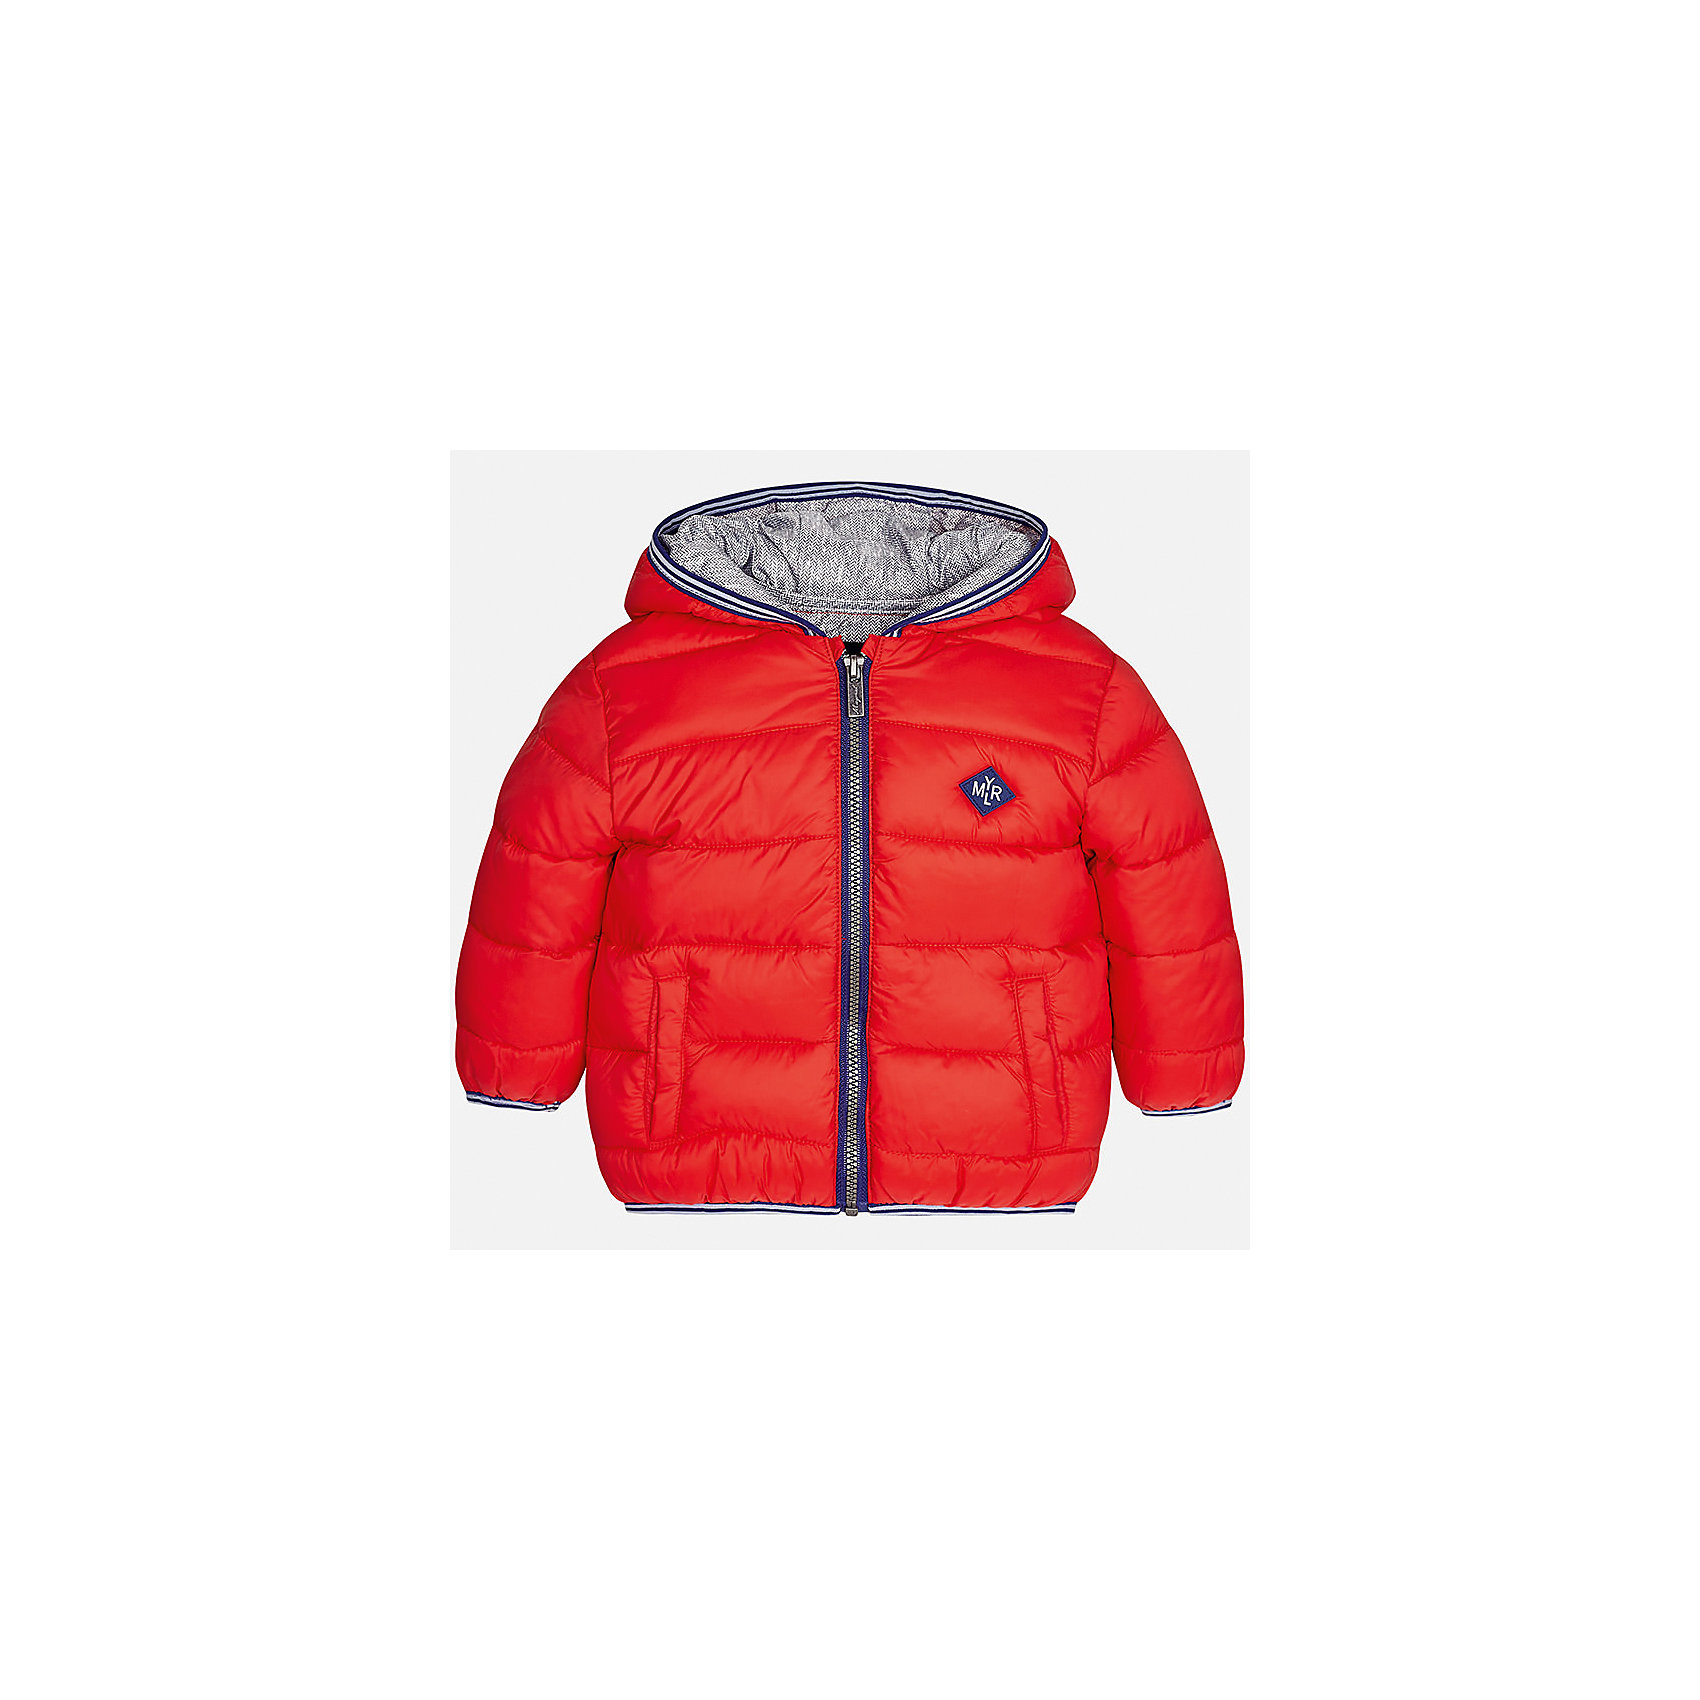 Куртка Mayoral для мальчикаВерхняя одежда<br>Характеристики товара:<br><br>• цвет: красный<br>• состав ткани: 100% полиамид<br>• подкладка: 100% полиэстер<br>• утеплитель: 100% полиэстер<br>• сезон: демисезон<br>• температурный режим: от -10 до +10<br>• особенности модели: с капюшоном, дутая, сумка в комплекте<br>• капюшон: несъемный<br>• застежка: молния<br>• страна бренда: Испания<br>• страна изготовитель: Индия<br><br>Яркая детская куртка сделана из легкого, но теплого материала. Благодаря качественной ткани детской куртки для мальчика создаются комфортные условия для тела. Эта куртка для мальчика отличается стильным продуманным дизайном.<br><br>Куртку для мальчика Mayoral (Майорал) можно купить в нашем интернет-магазине.<br><br>Ширина мм: 356<br>Глубина мм: 10<br>Высота мм: 245<br>Вес г: 519<br>Цвет: красный<br>Возраст от месяцев: 24<br>Возраст до месяцев: 36<br>Пол: Мужской<br>Возраст: Детский<br>Размер: 98,80,86,92<br>SKU: 6935195